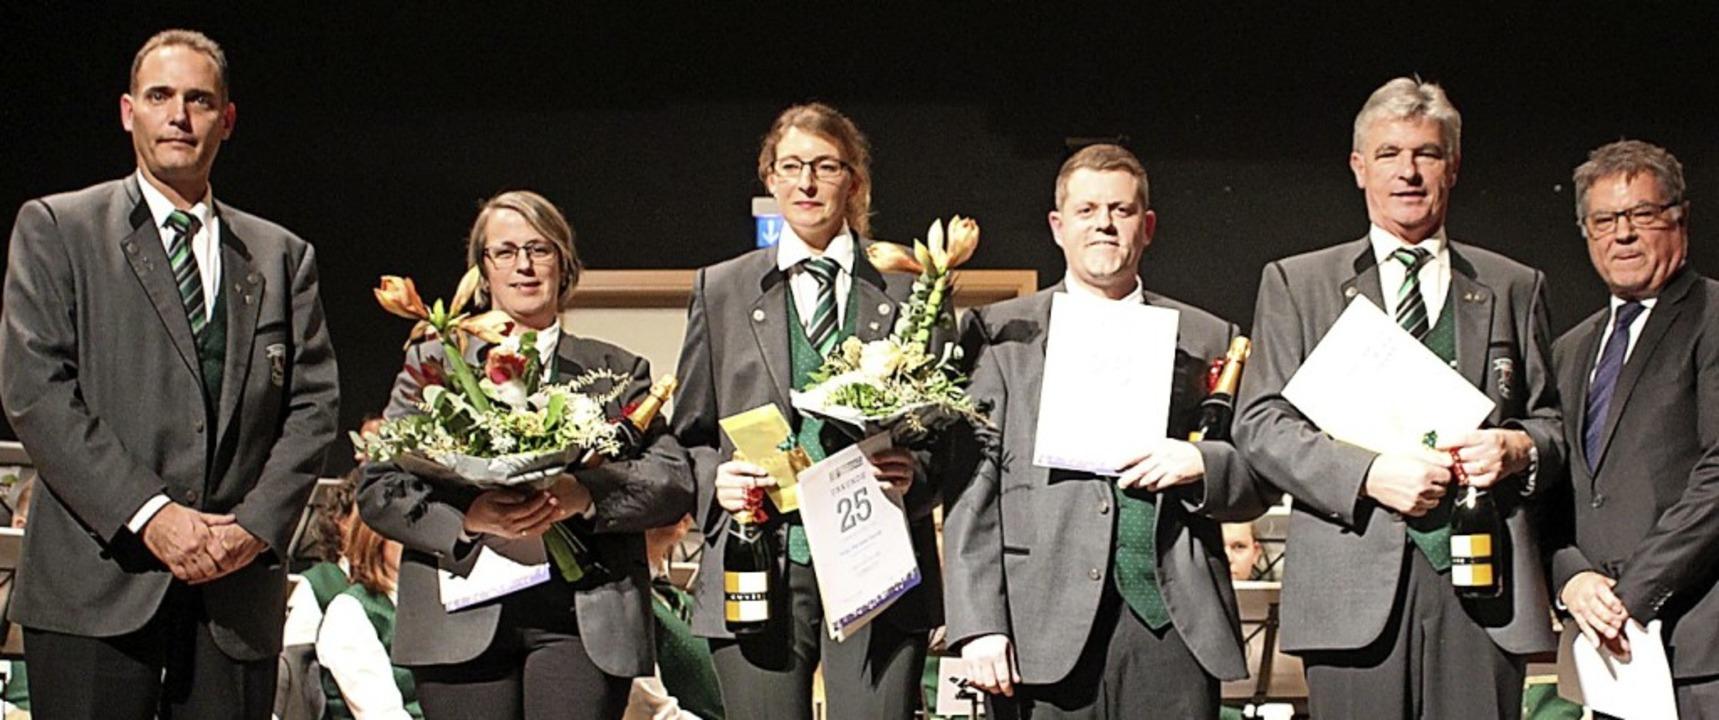 Vereinsvorsitzender Patrick Wick (link...für langjährige Vereinsmitgliedschaft.  | Foto: Otmar Faller